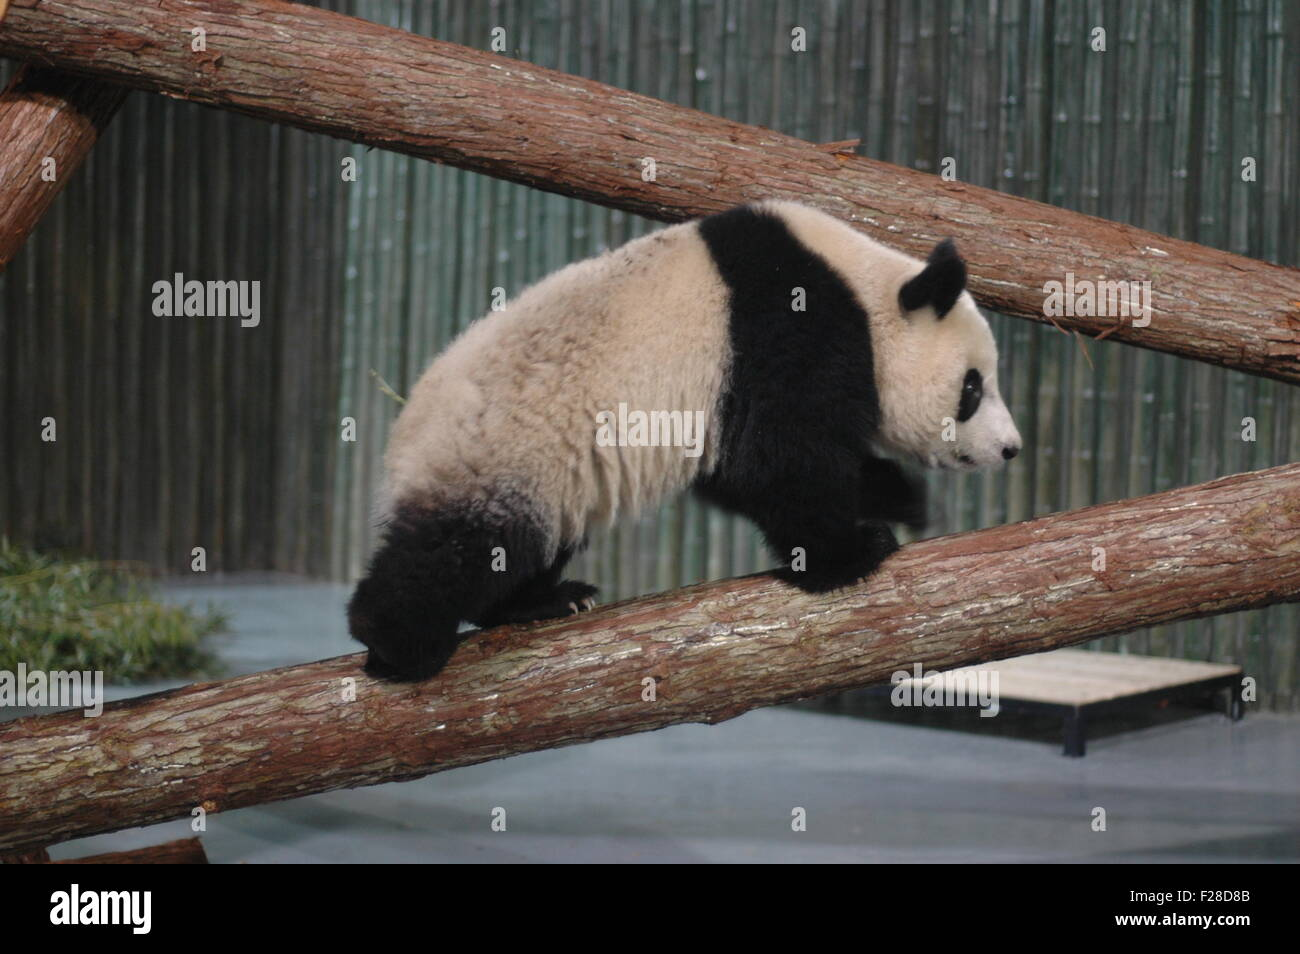 Un panda géant pour l'Exposition internationale de 2010, est considéré à l'Zoo de Shanghai, Photo Stock